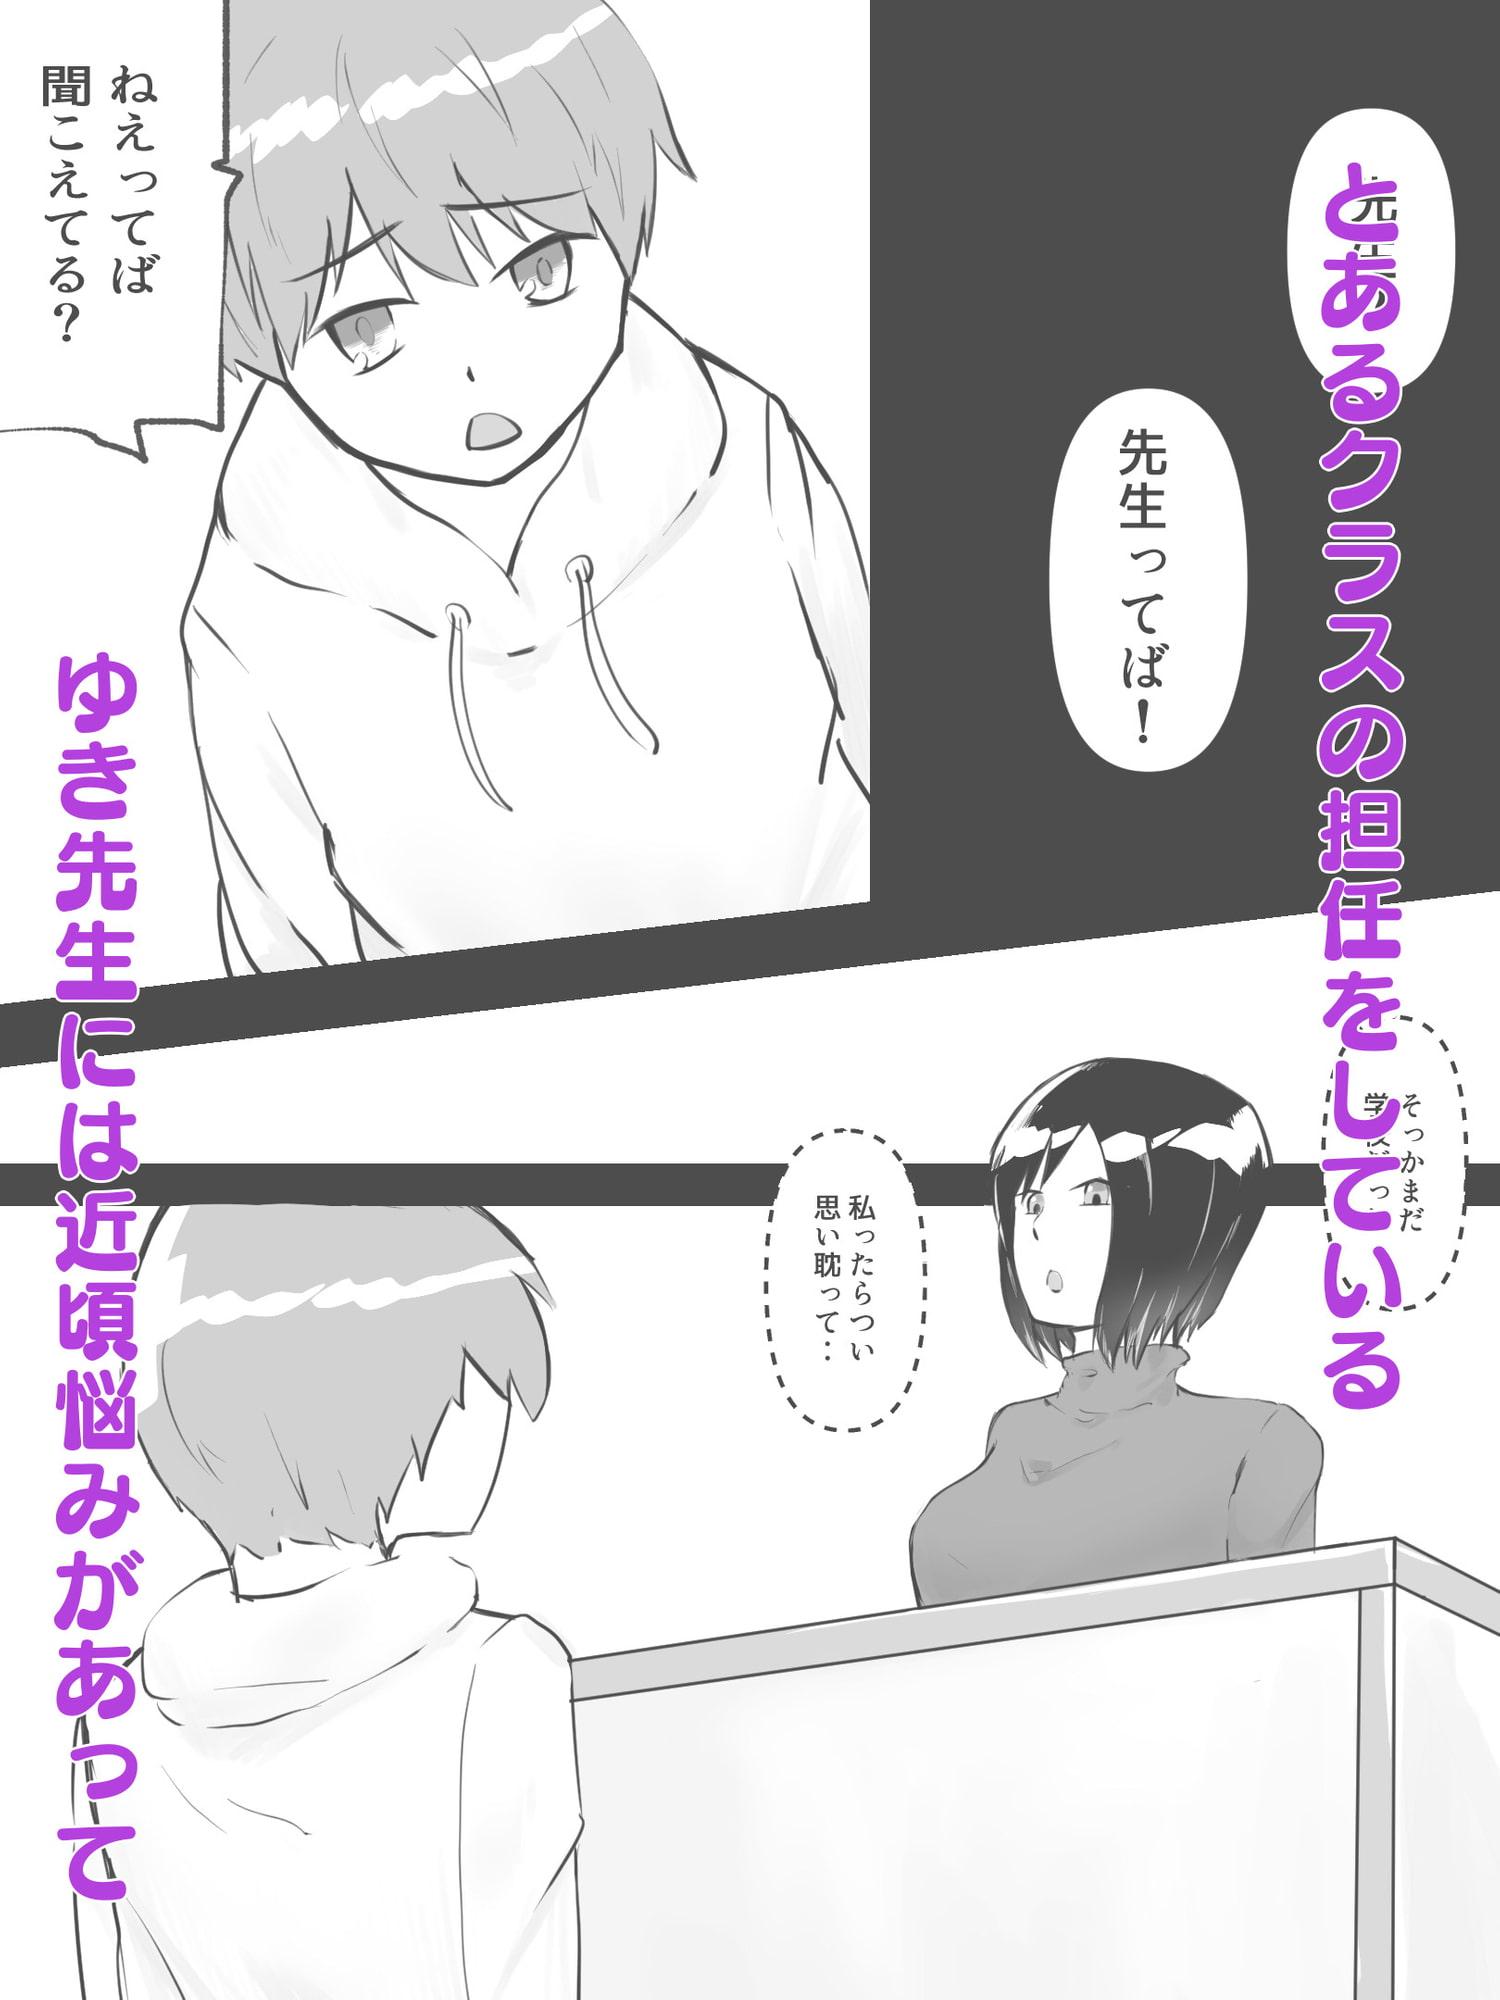 先生×僕×媚薬のサンプル画像